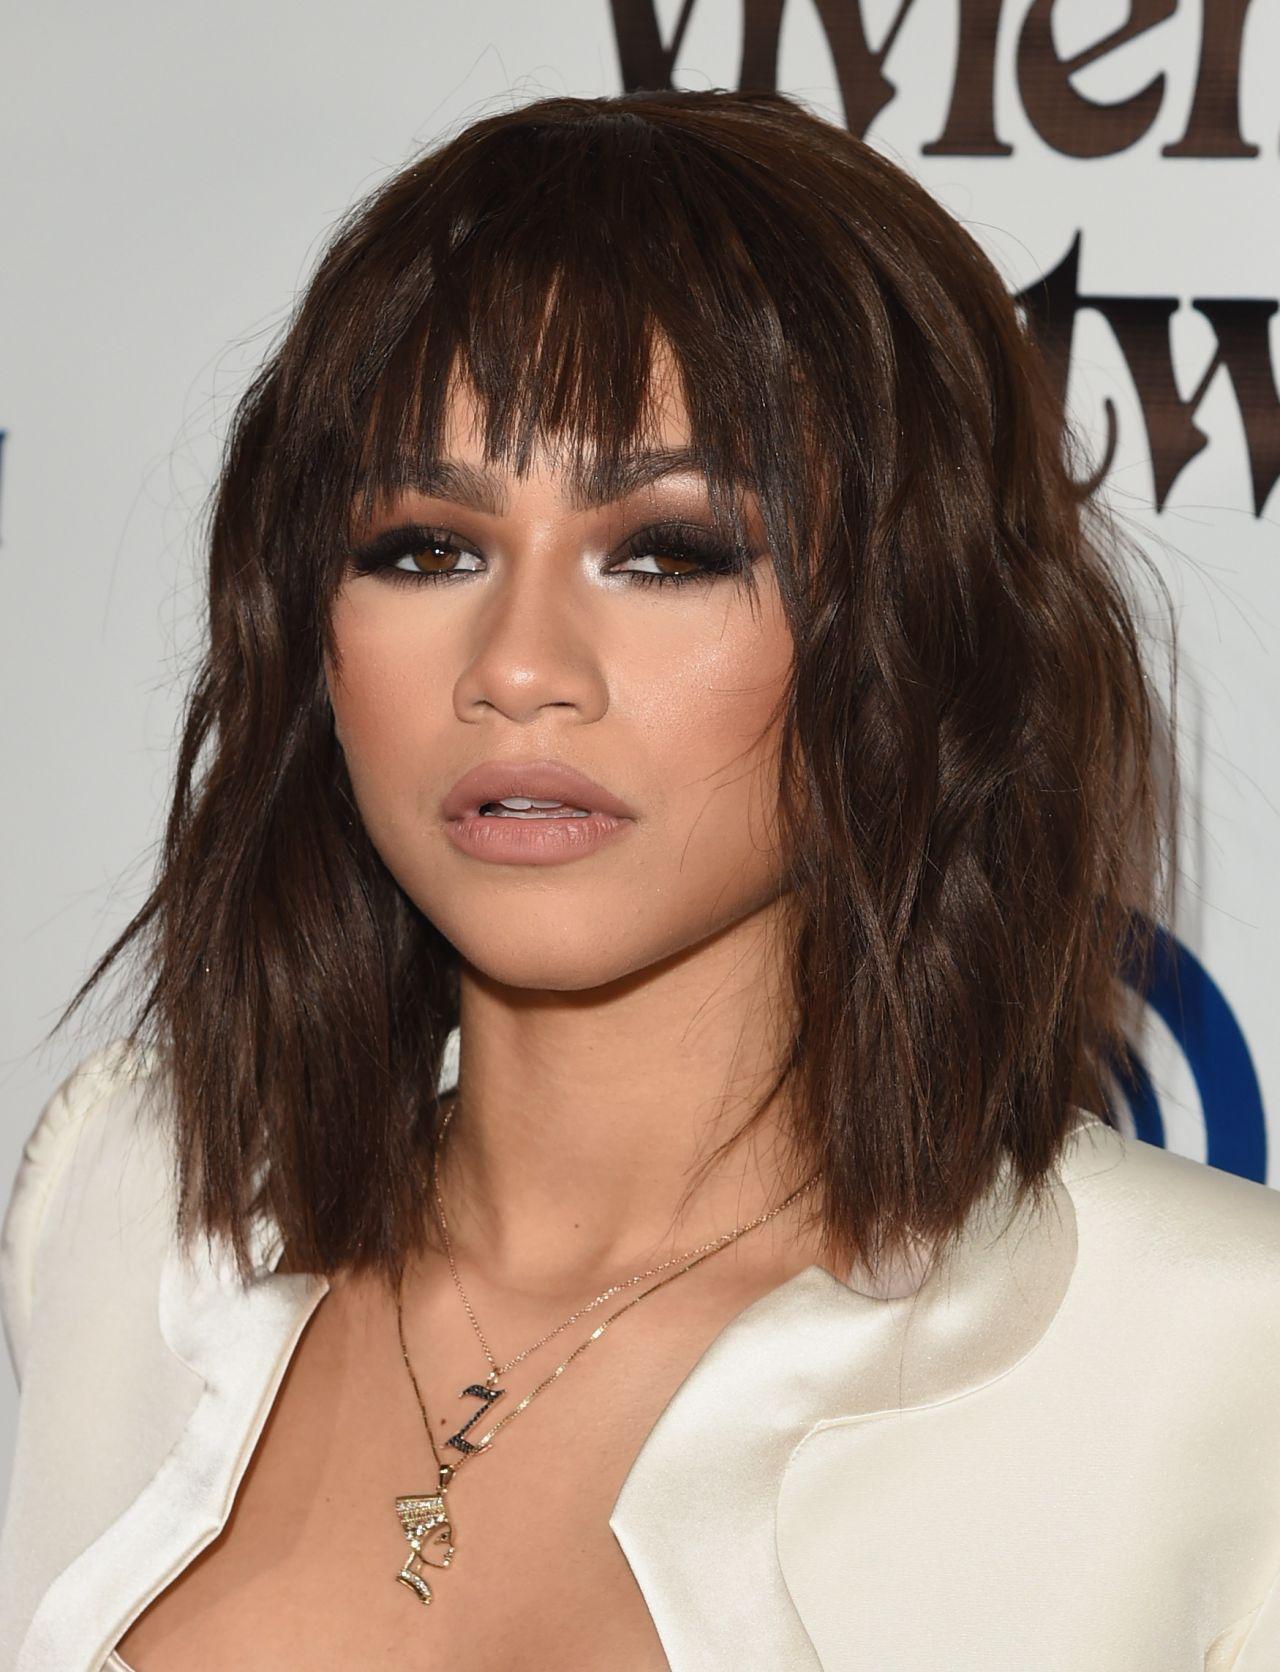 Kim cuts your hair topless again